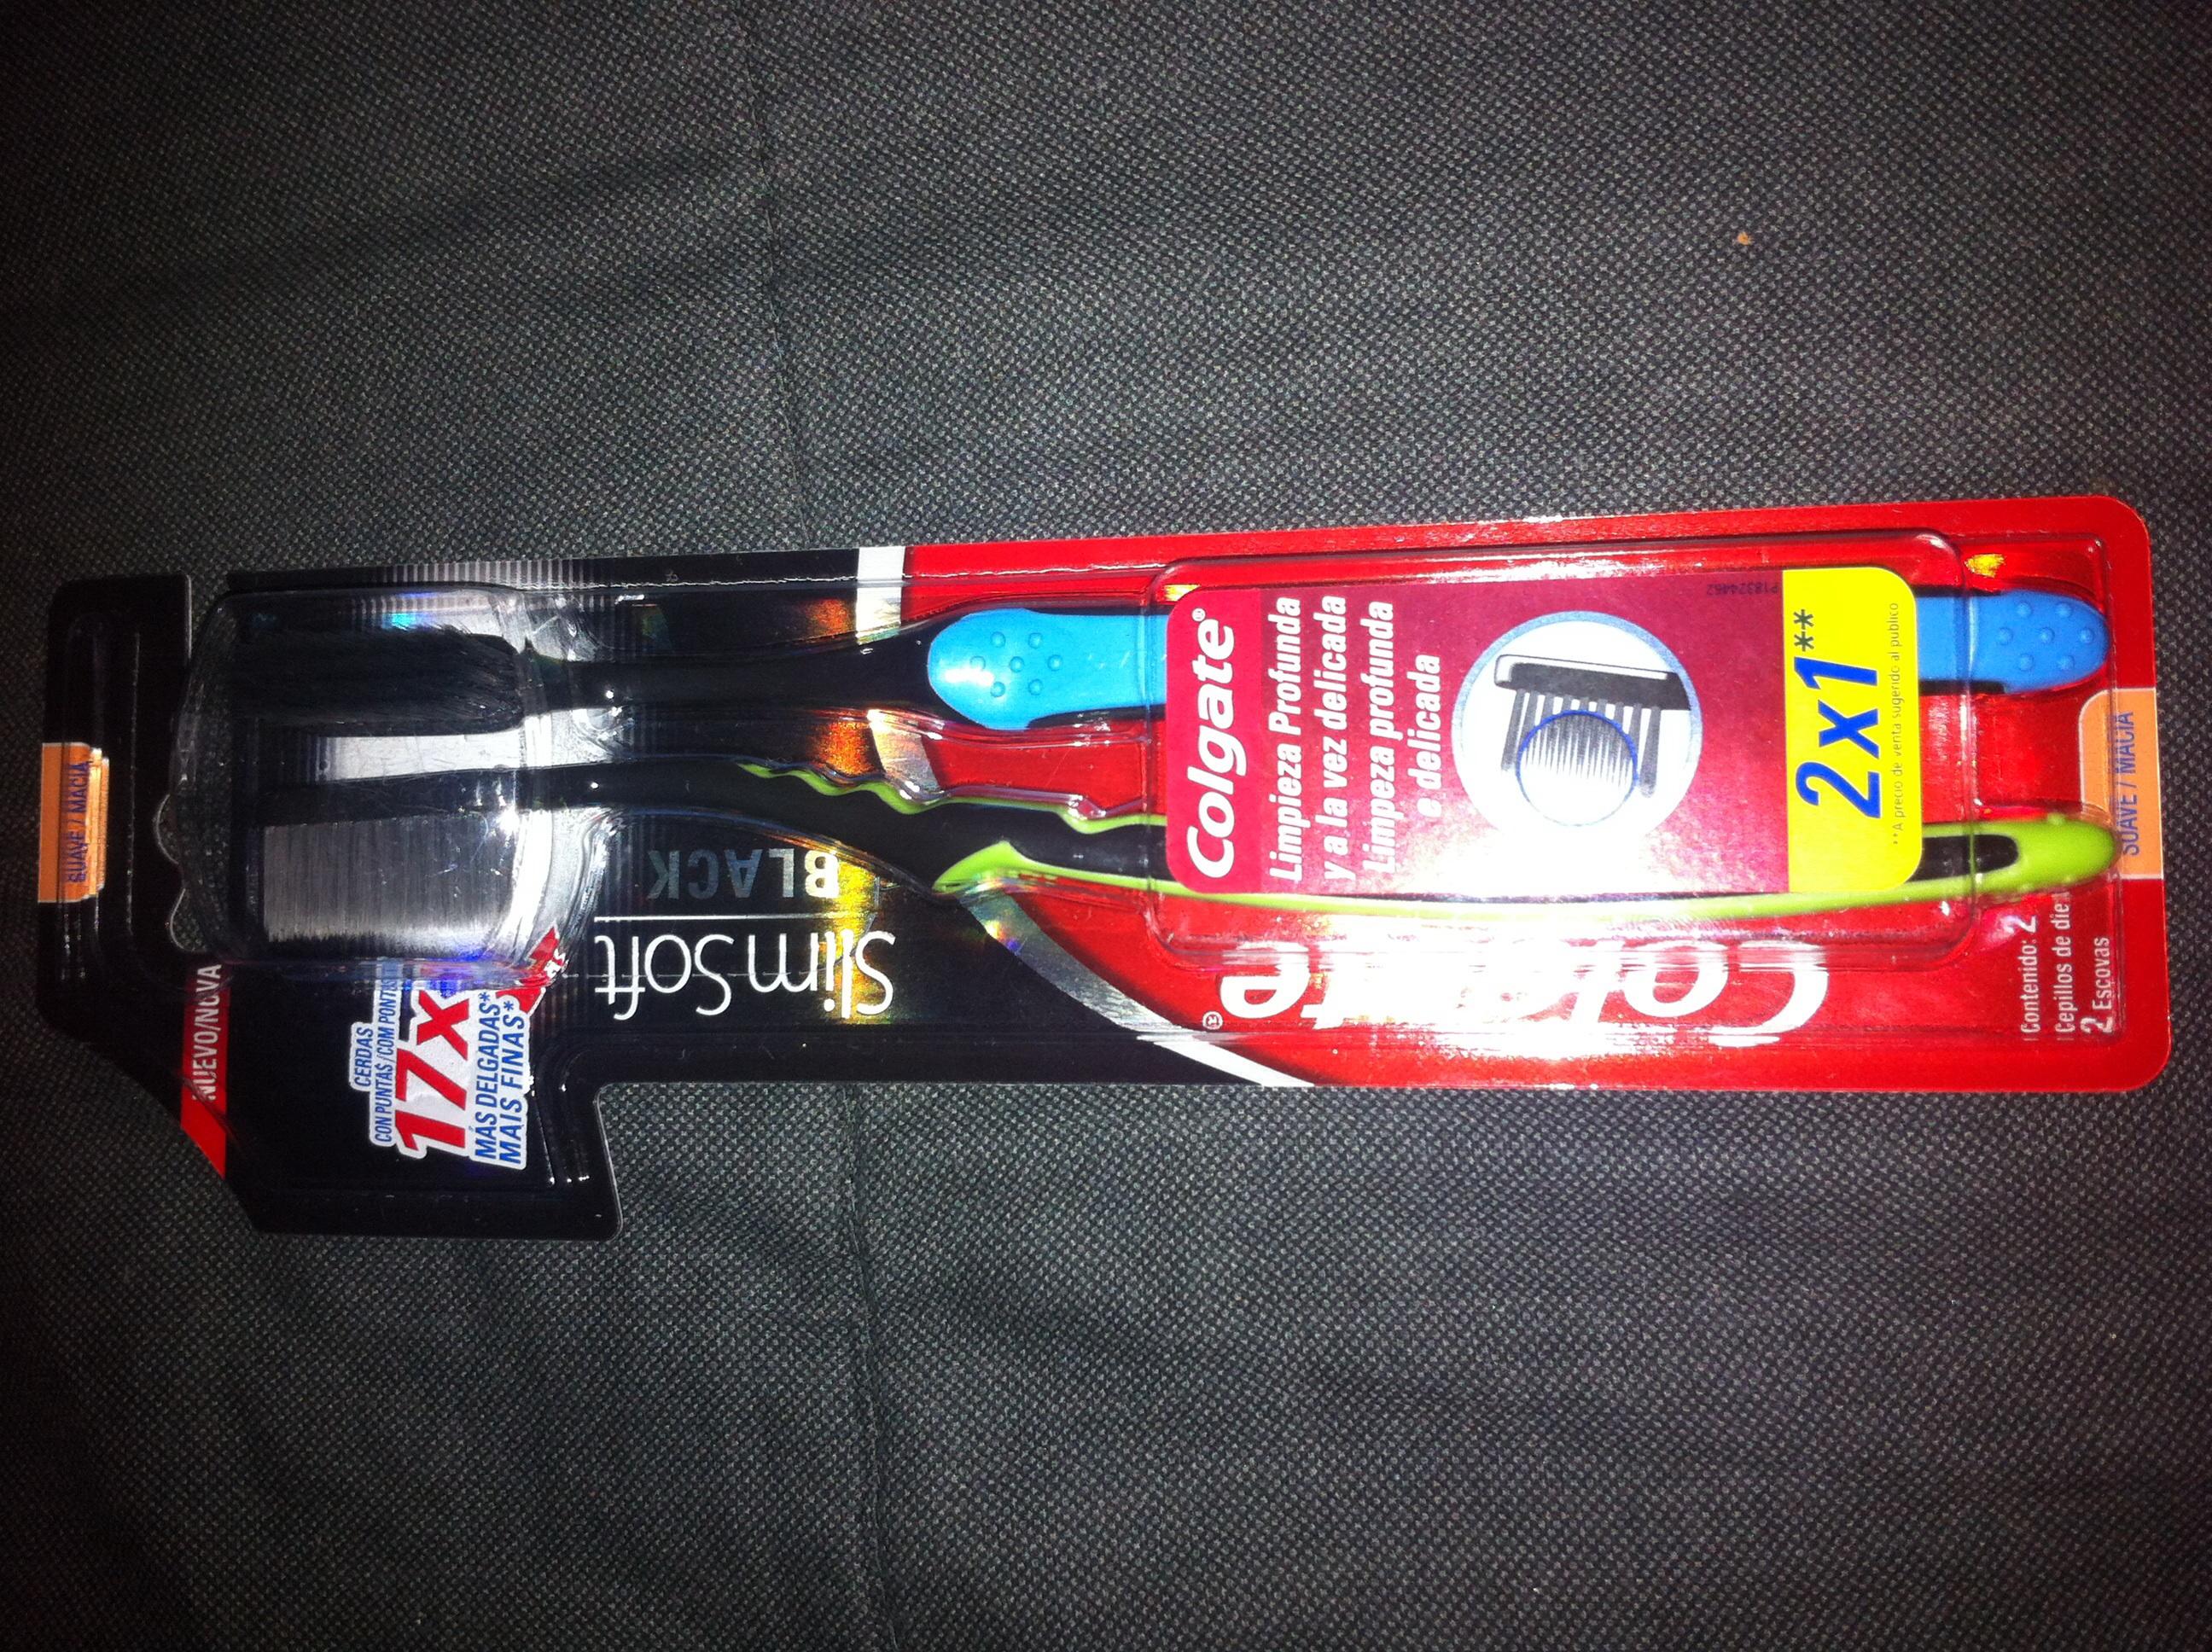 Chedraui: Pack de 2 cepillos de dientes en $5.40